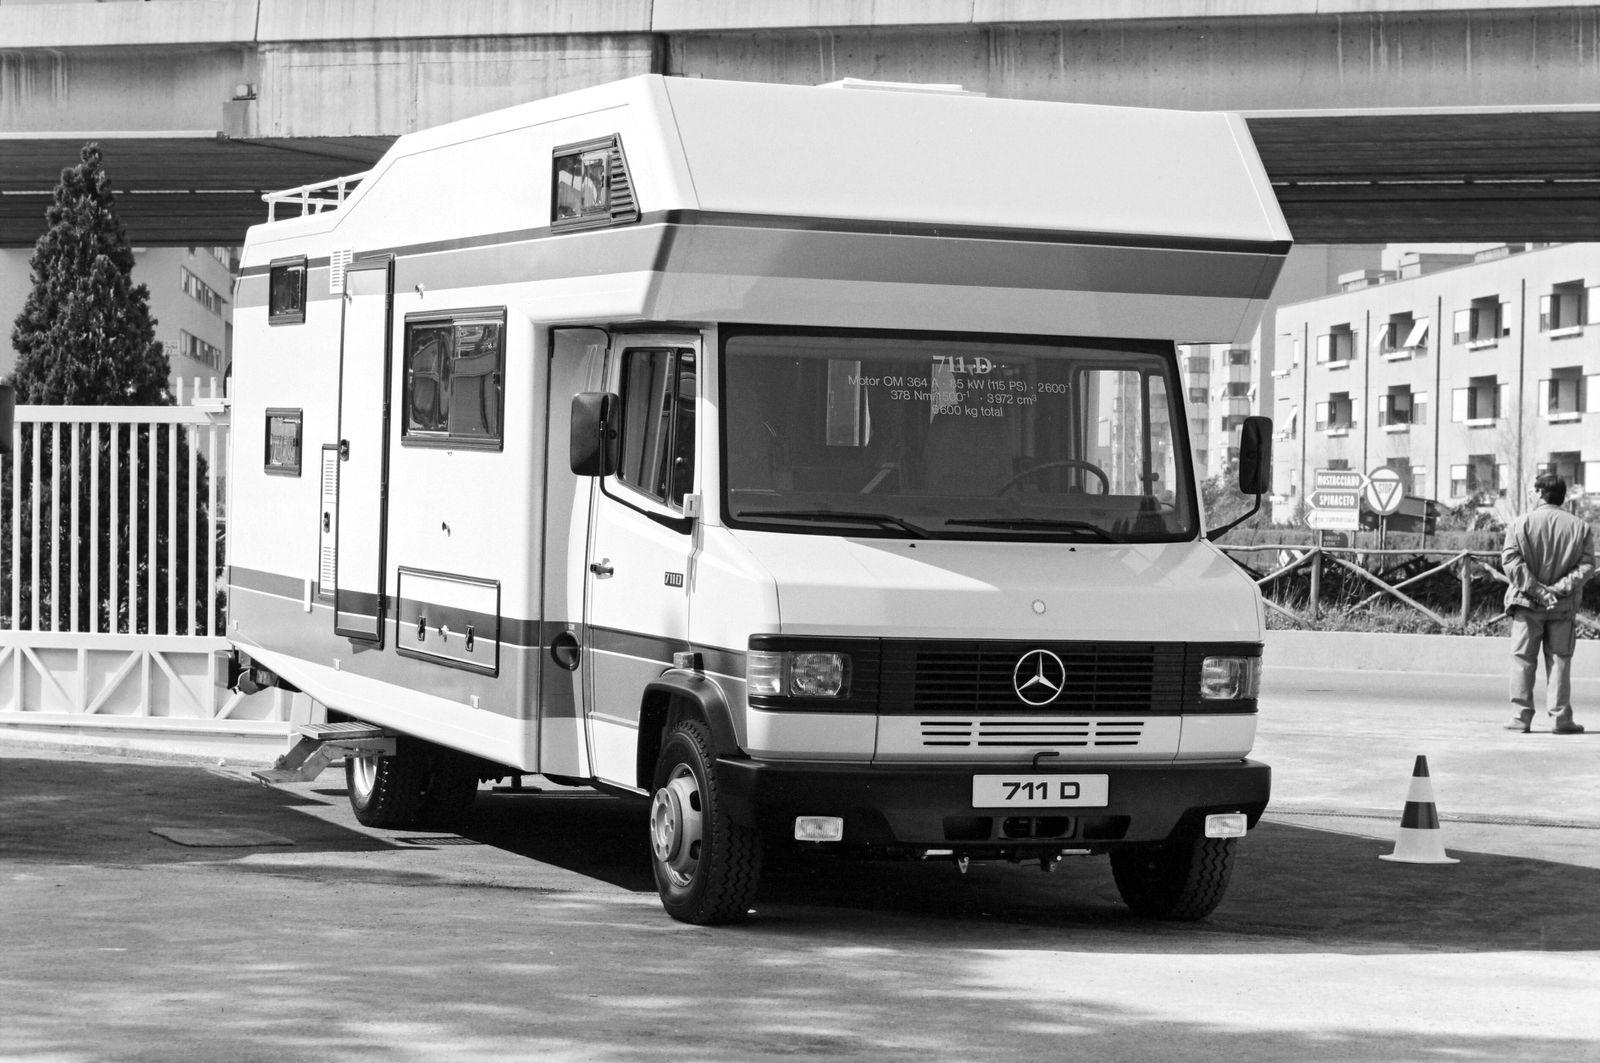 Mercedes-Benz 711 D